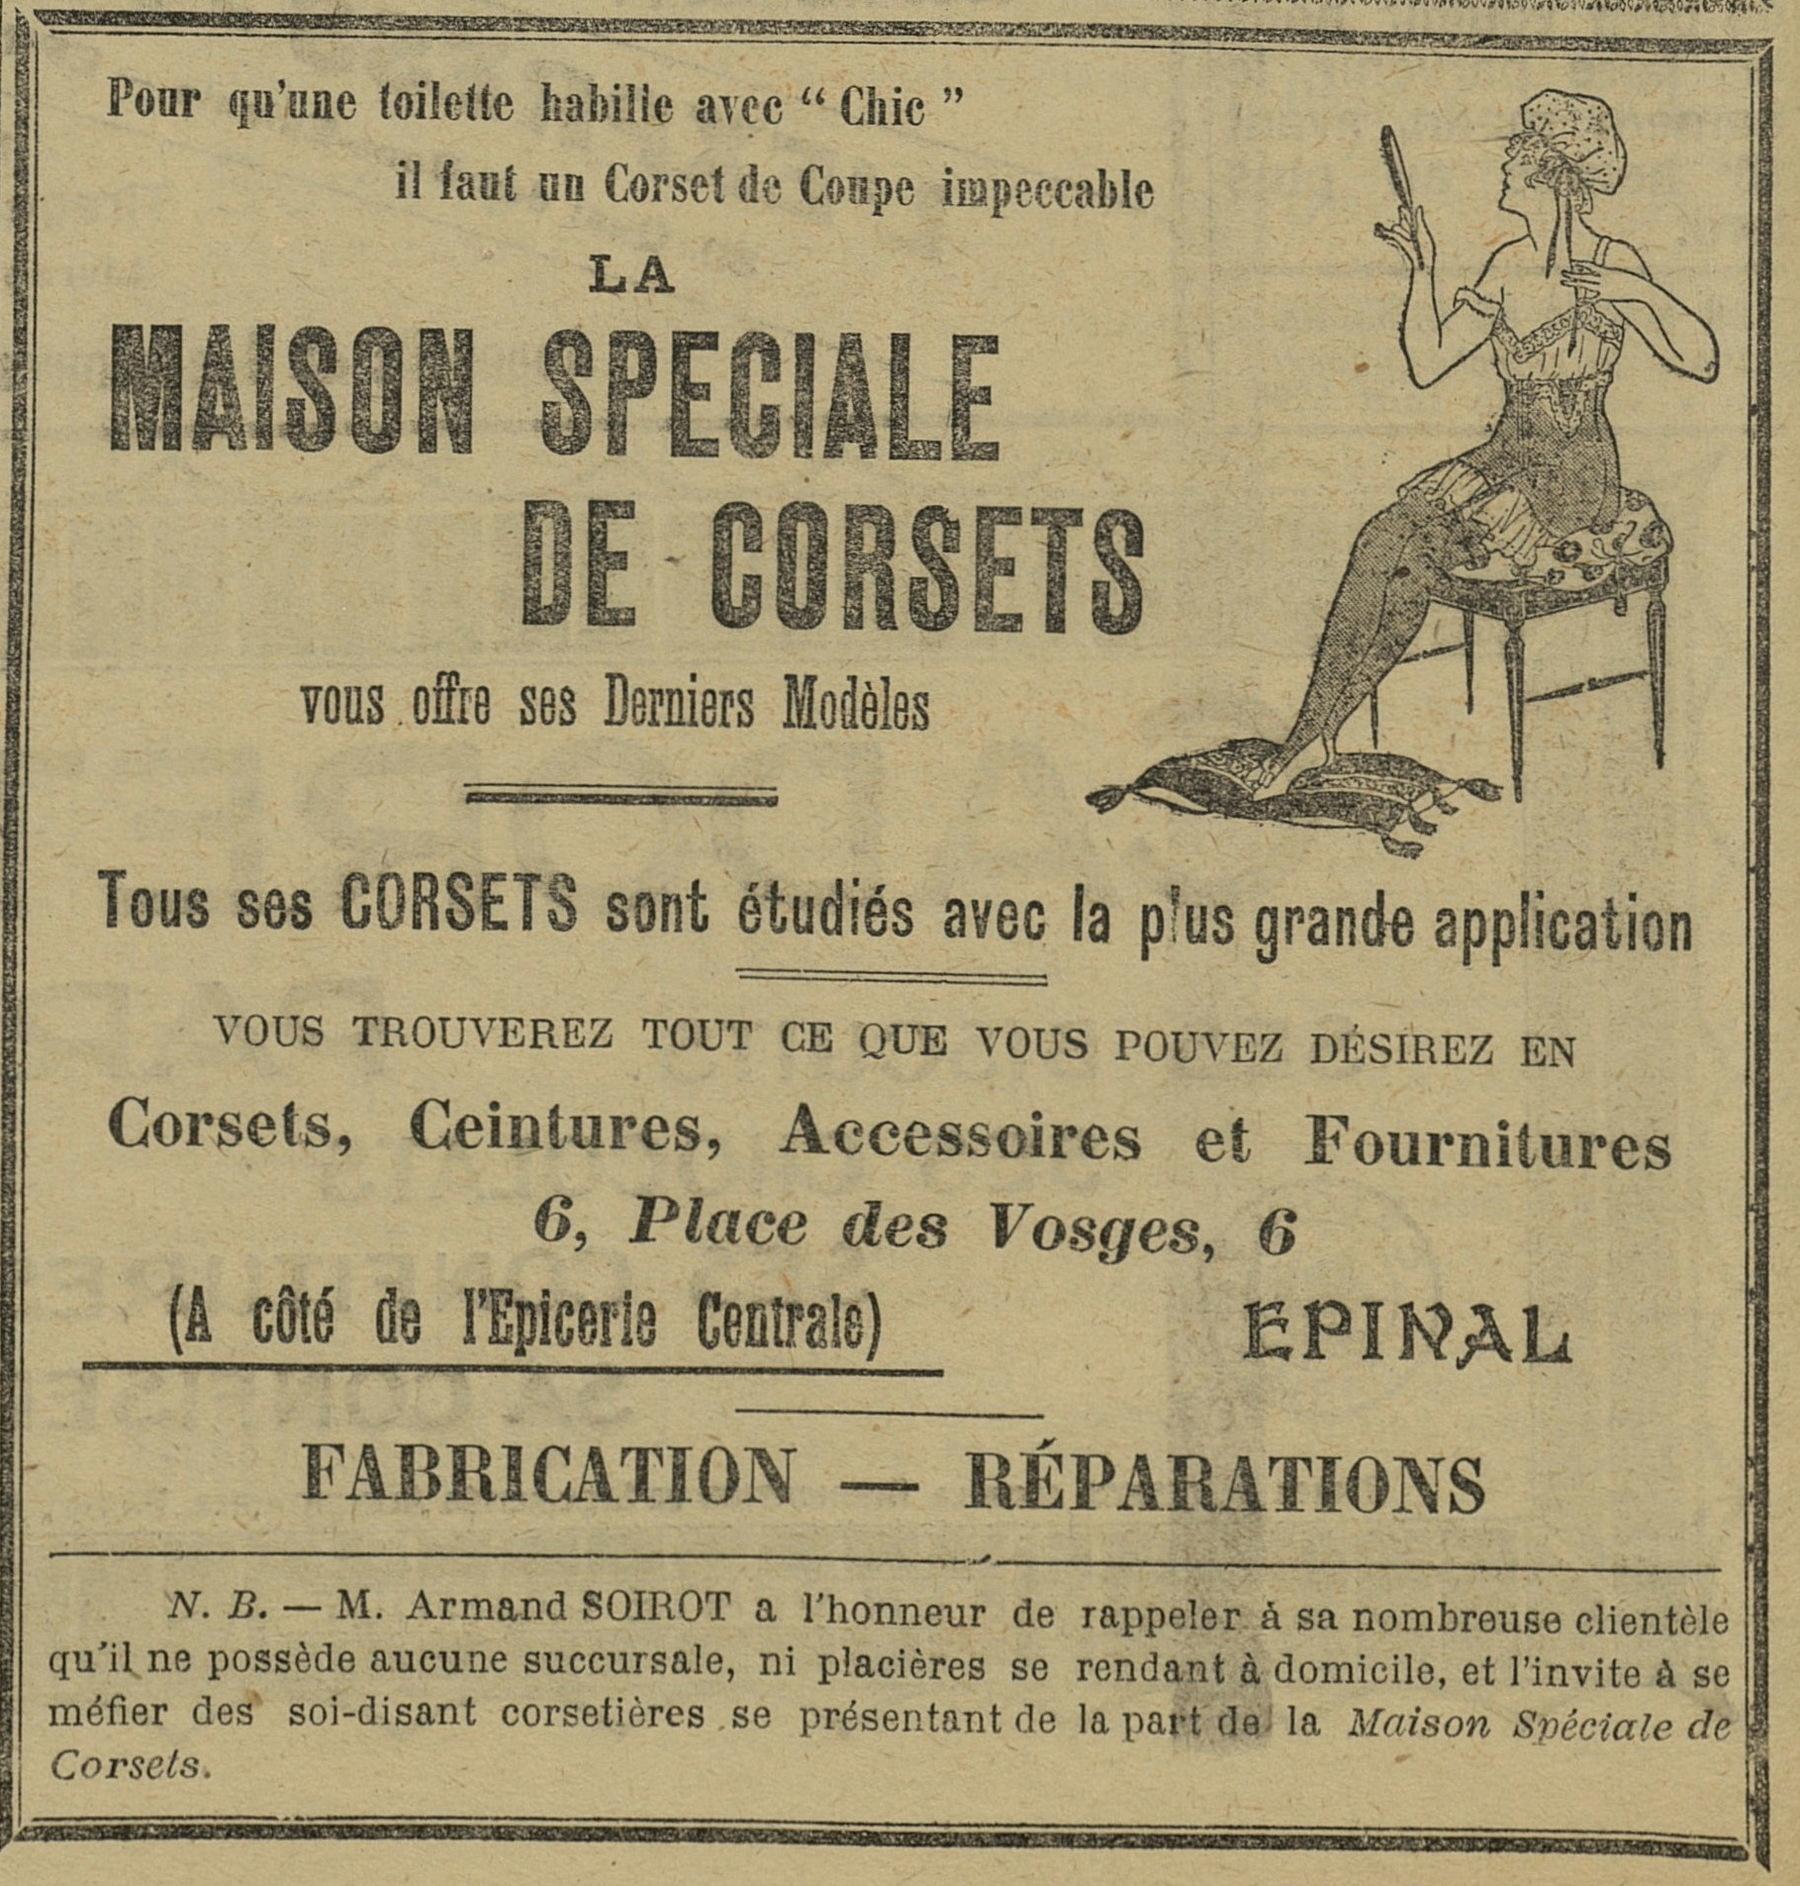 Contenu du Maison spéciale de corsets